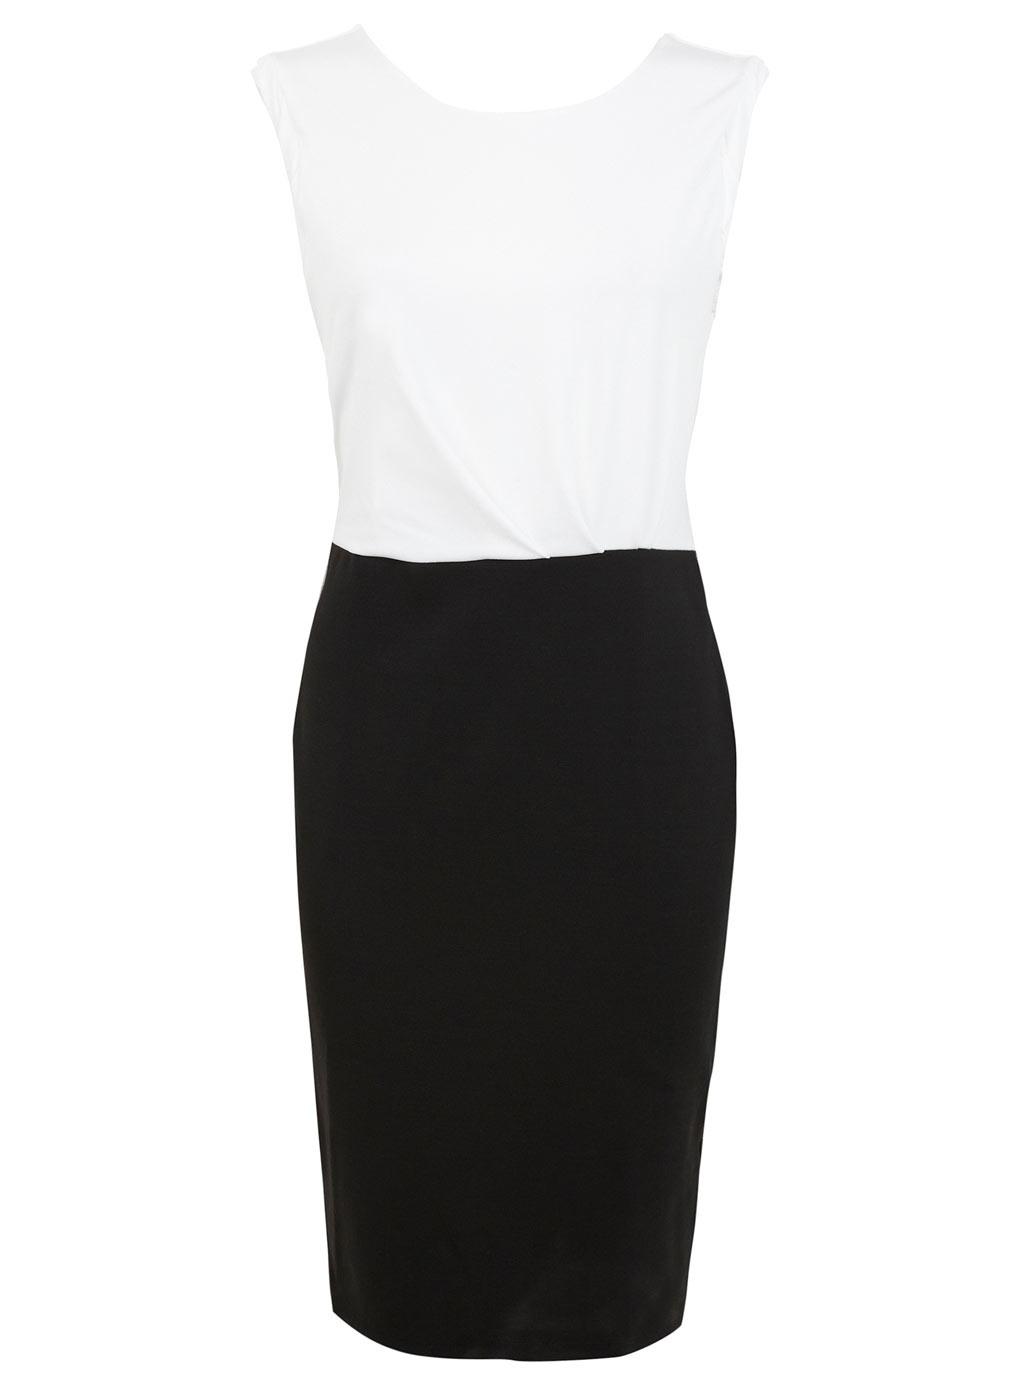 10 Ausgezeichnet Schwarz Weißes Kleid für 2019Abend Luxus Schwarz Weißes Kleid Bester Preis